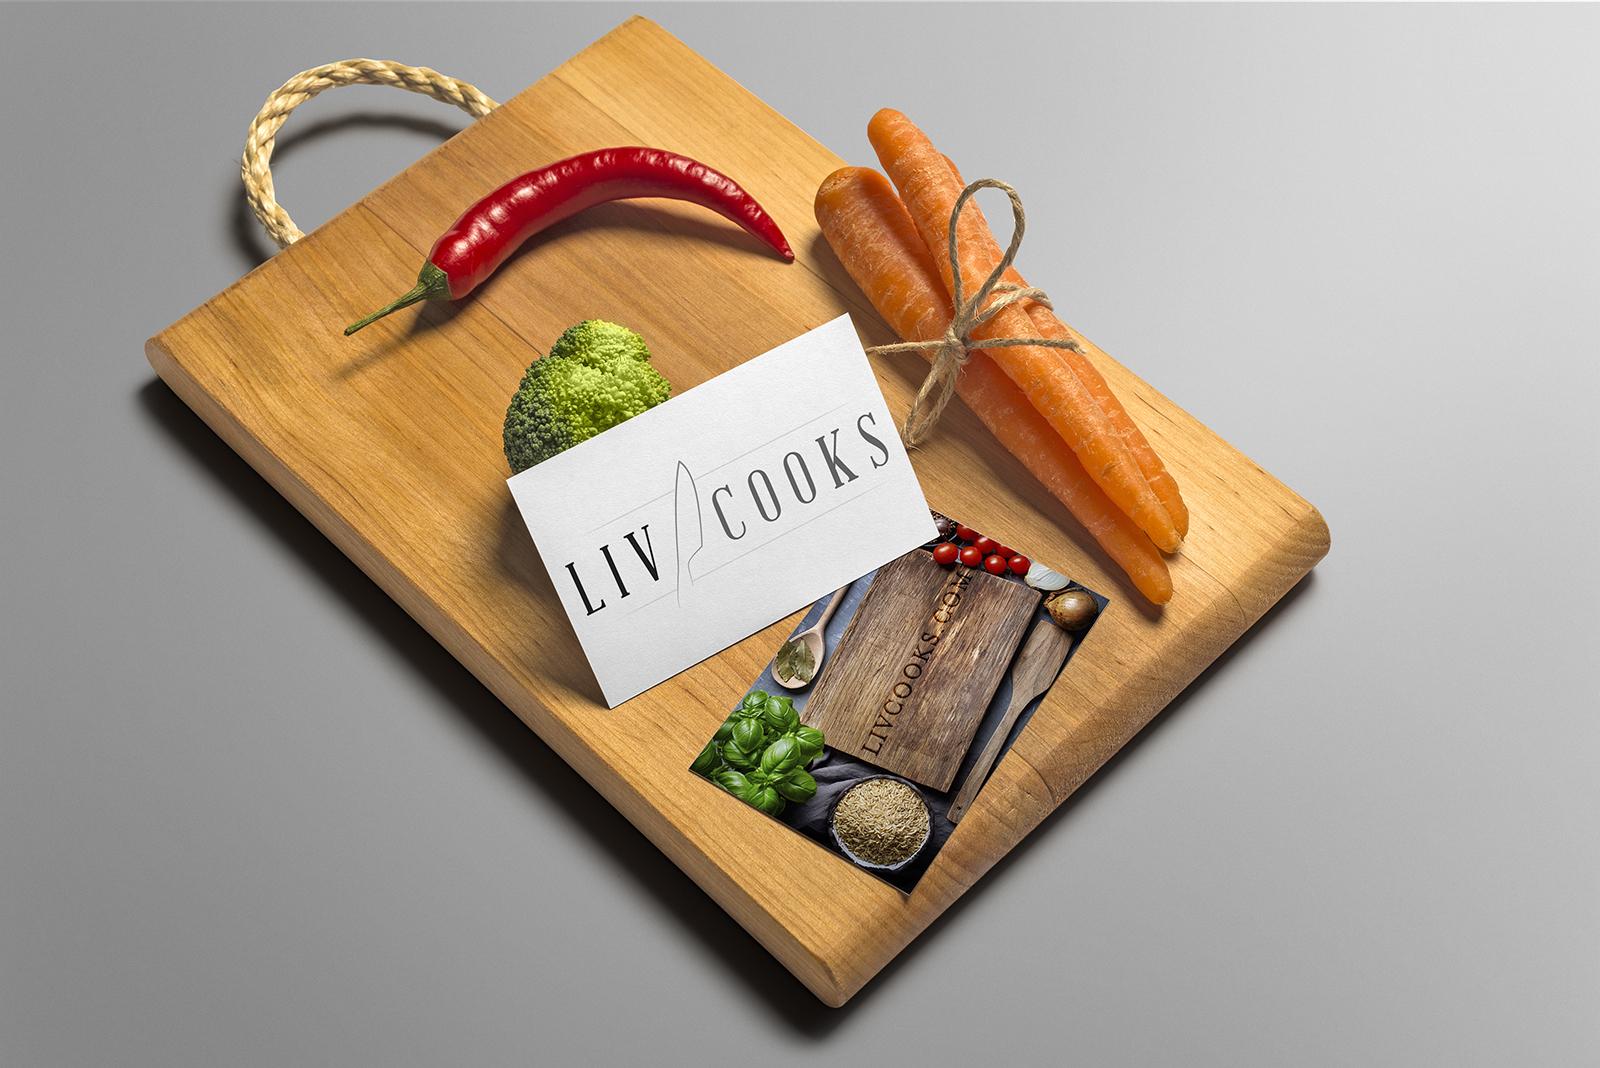 LivCooks_Card.jpg